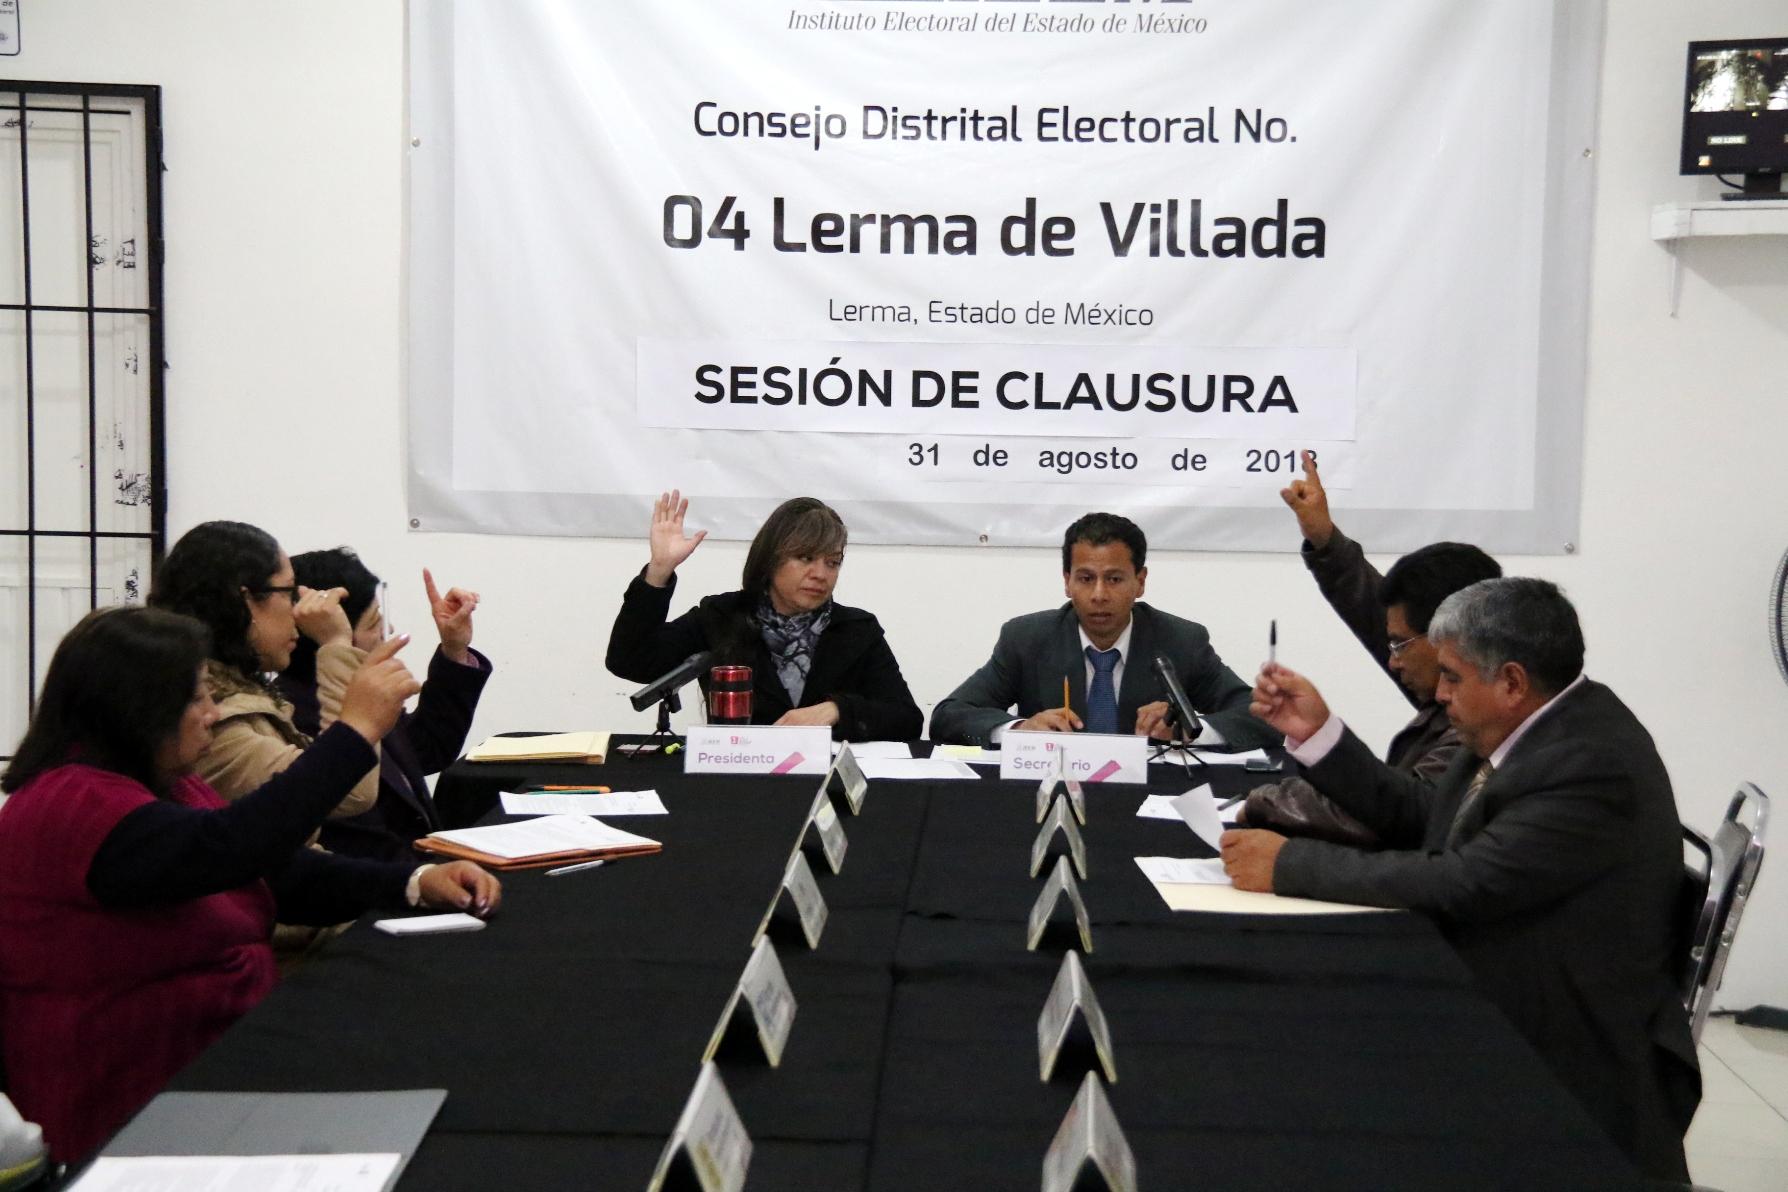 Resuelven medios de impugnación en el Consejo Electoral No. 04